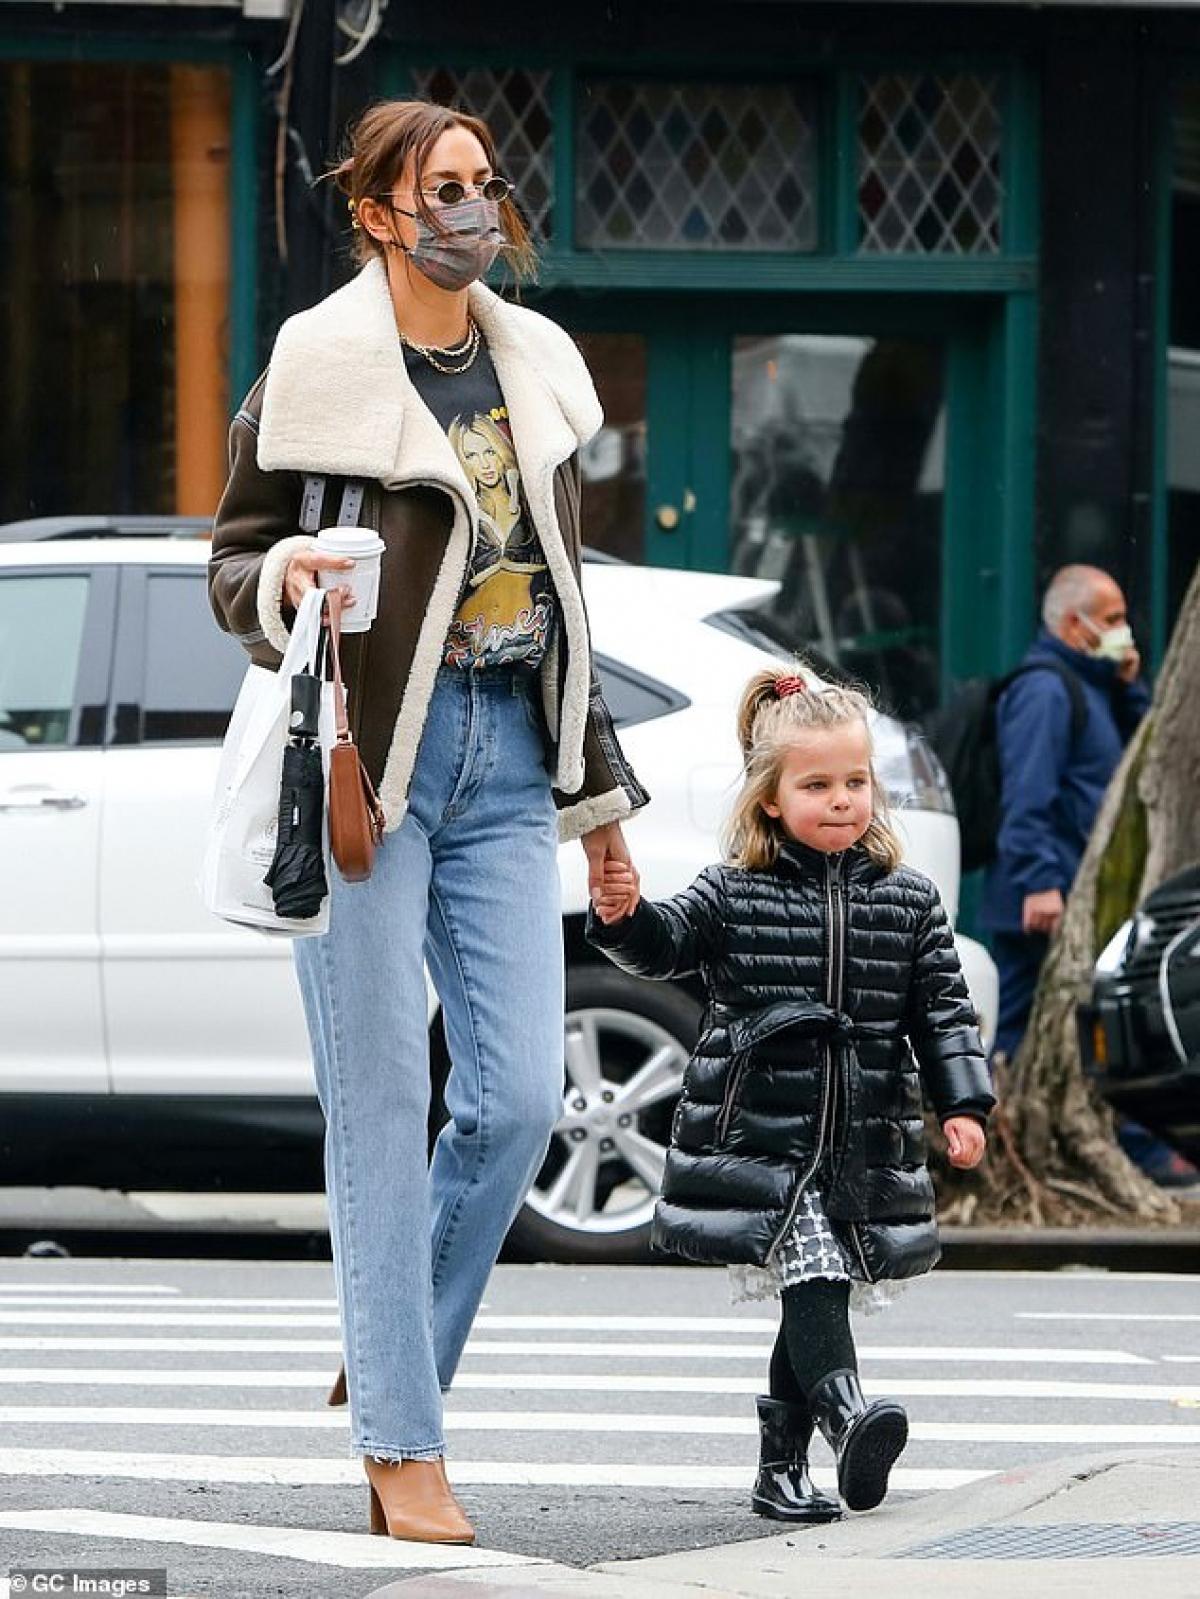 Bé Lea được mẹ mặc cho đồ ấm áp, sang chảnh.